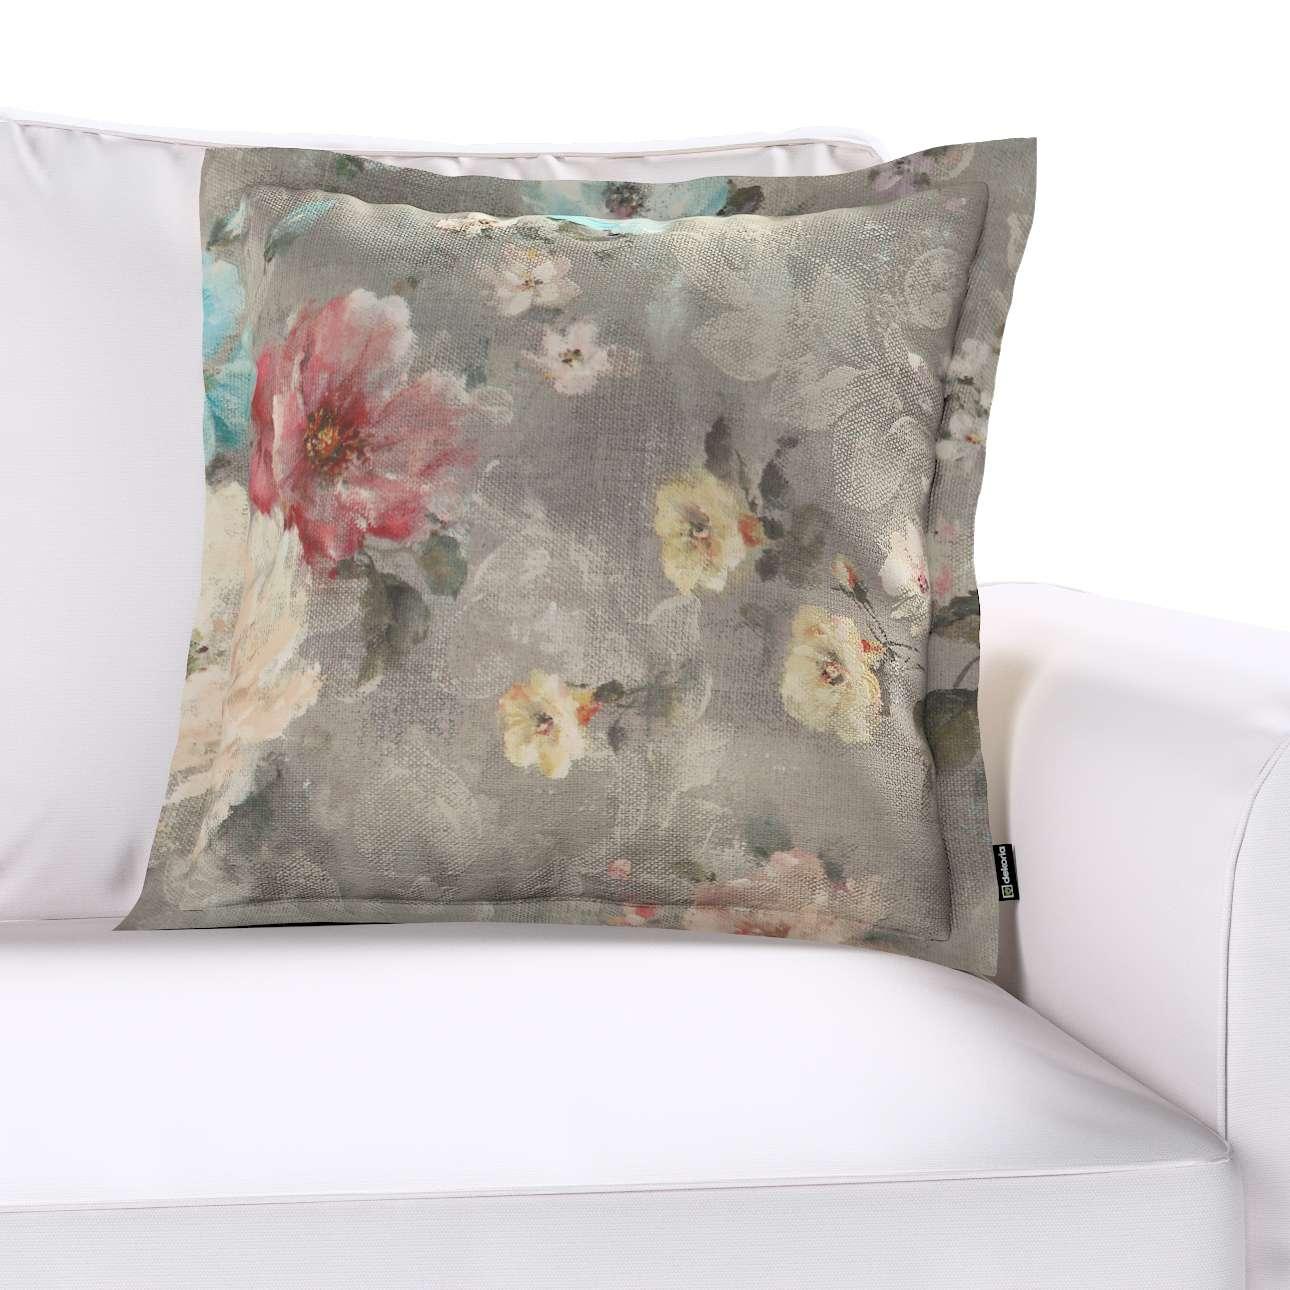 Poszewka Mona na poduszkę w kolekcji Monet, tkanina: 137-81